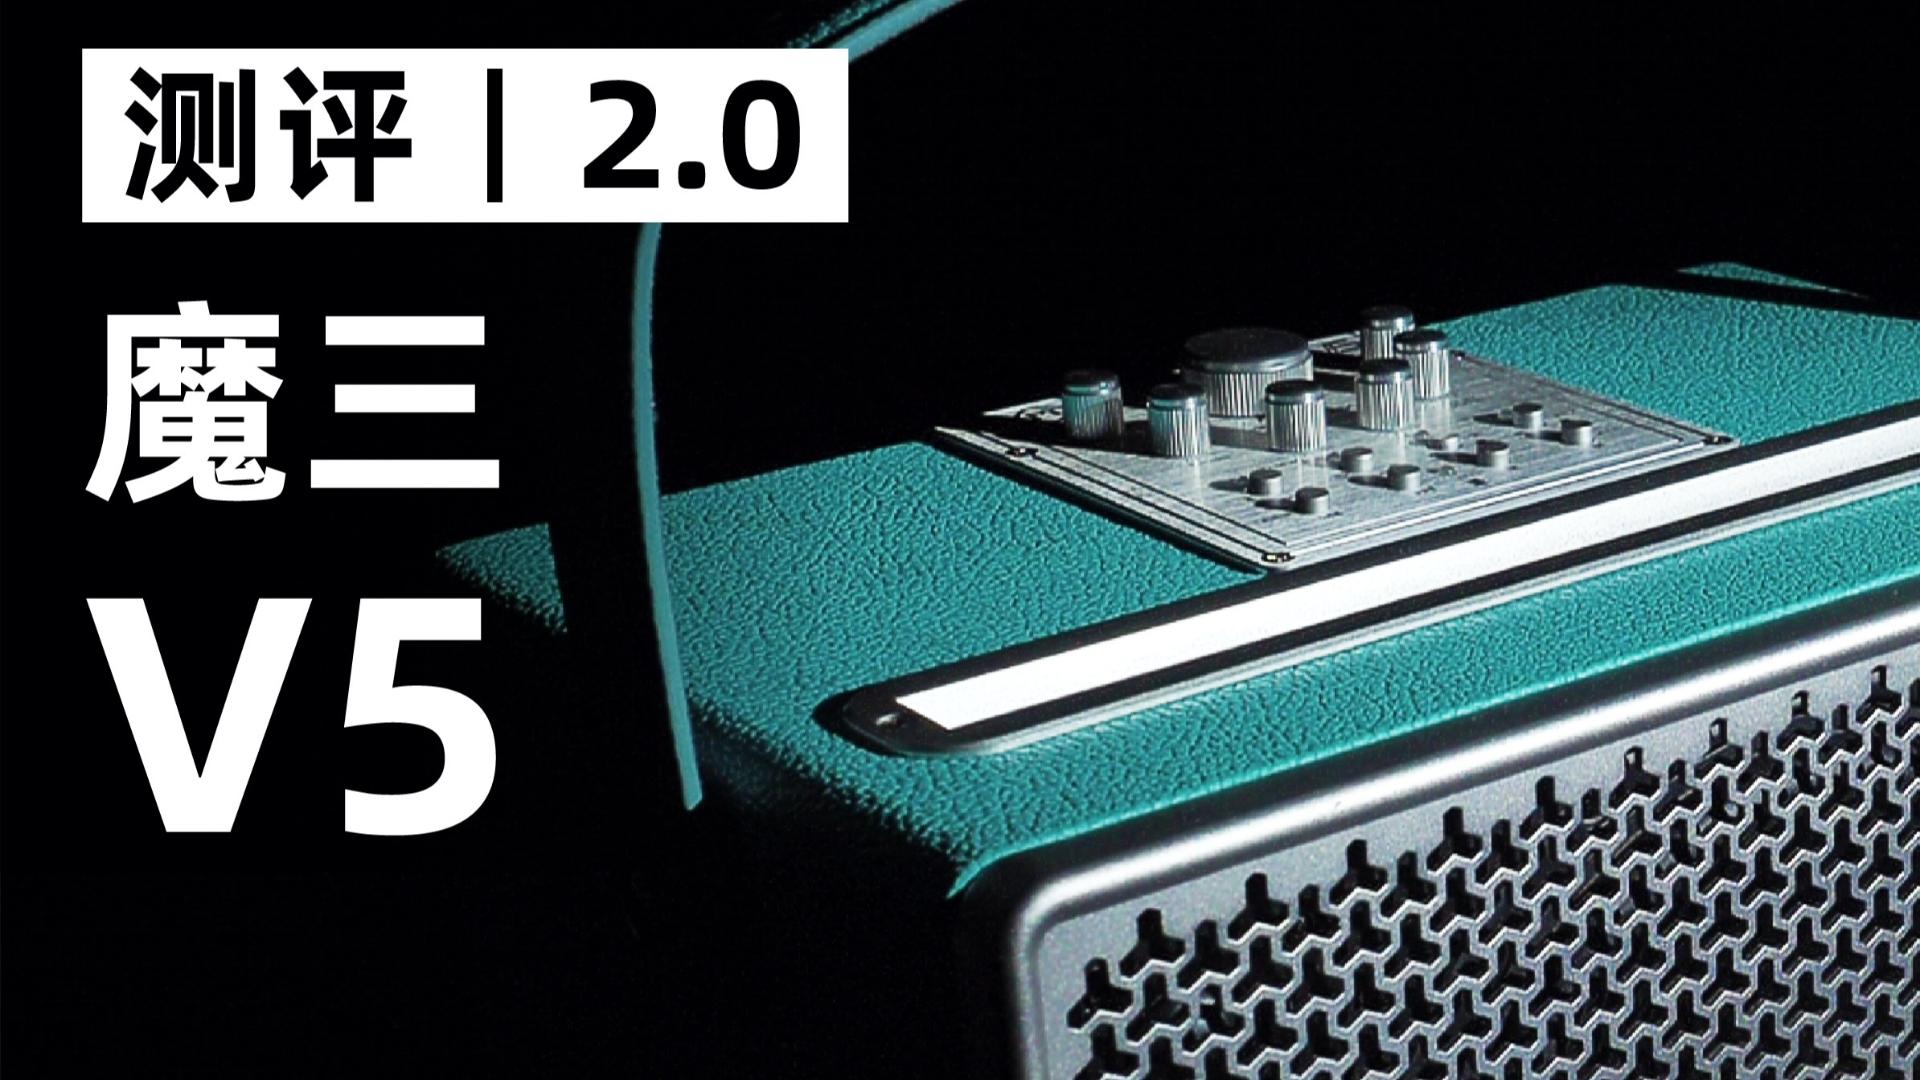 【首发】测评2.0|你要的全拿走!魔三V5音箱